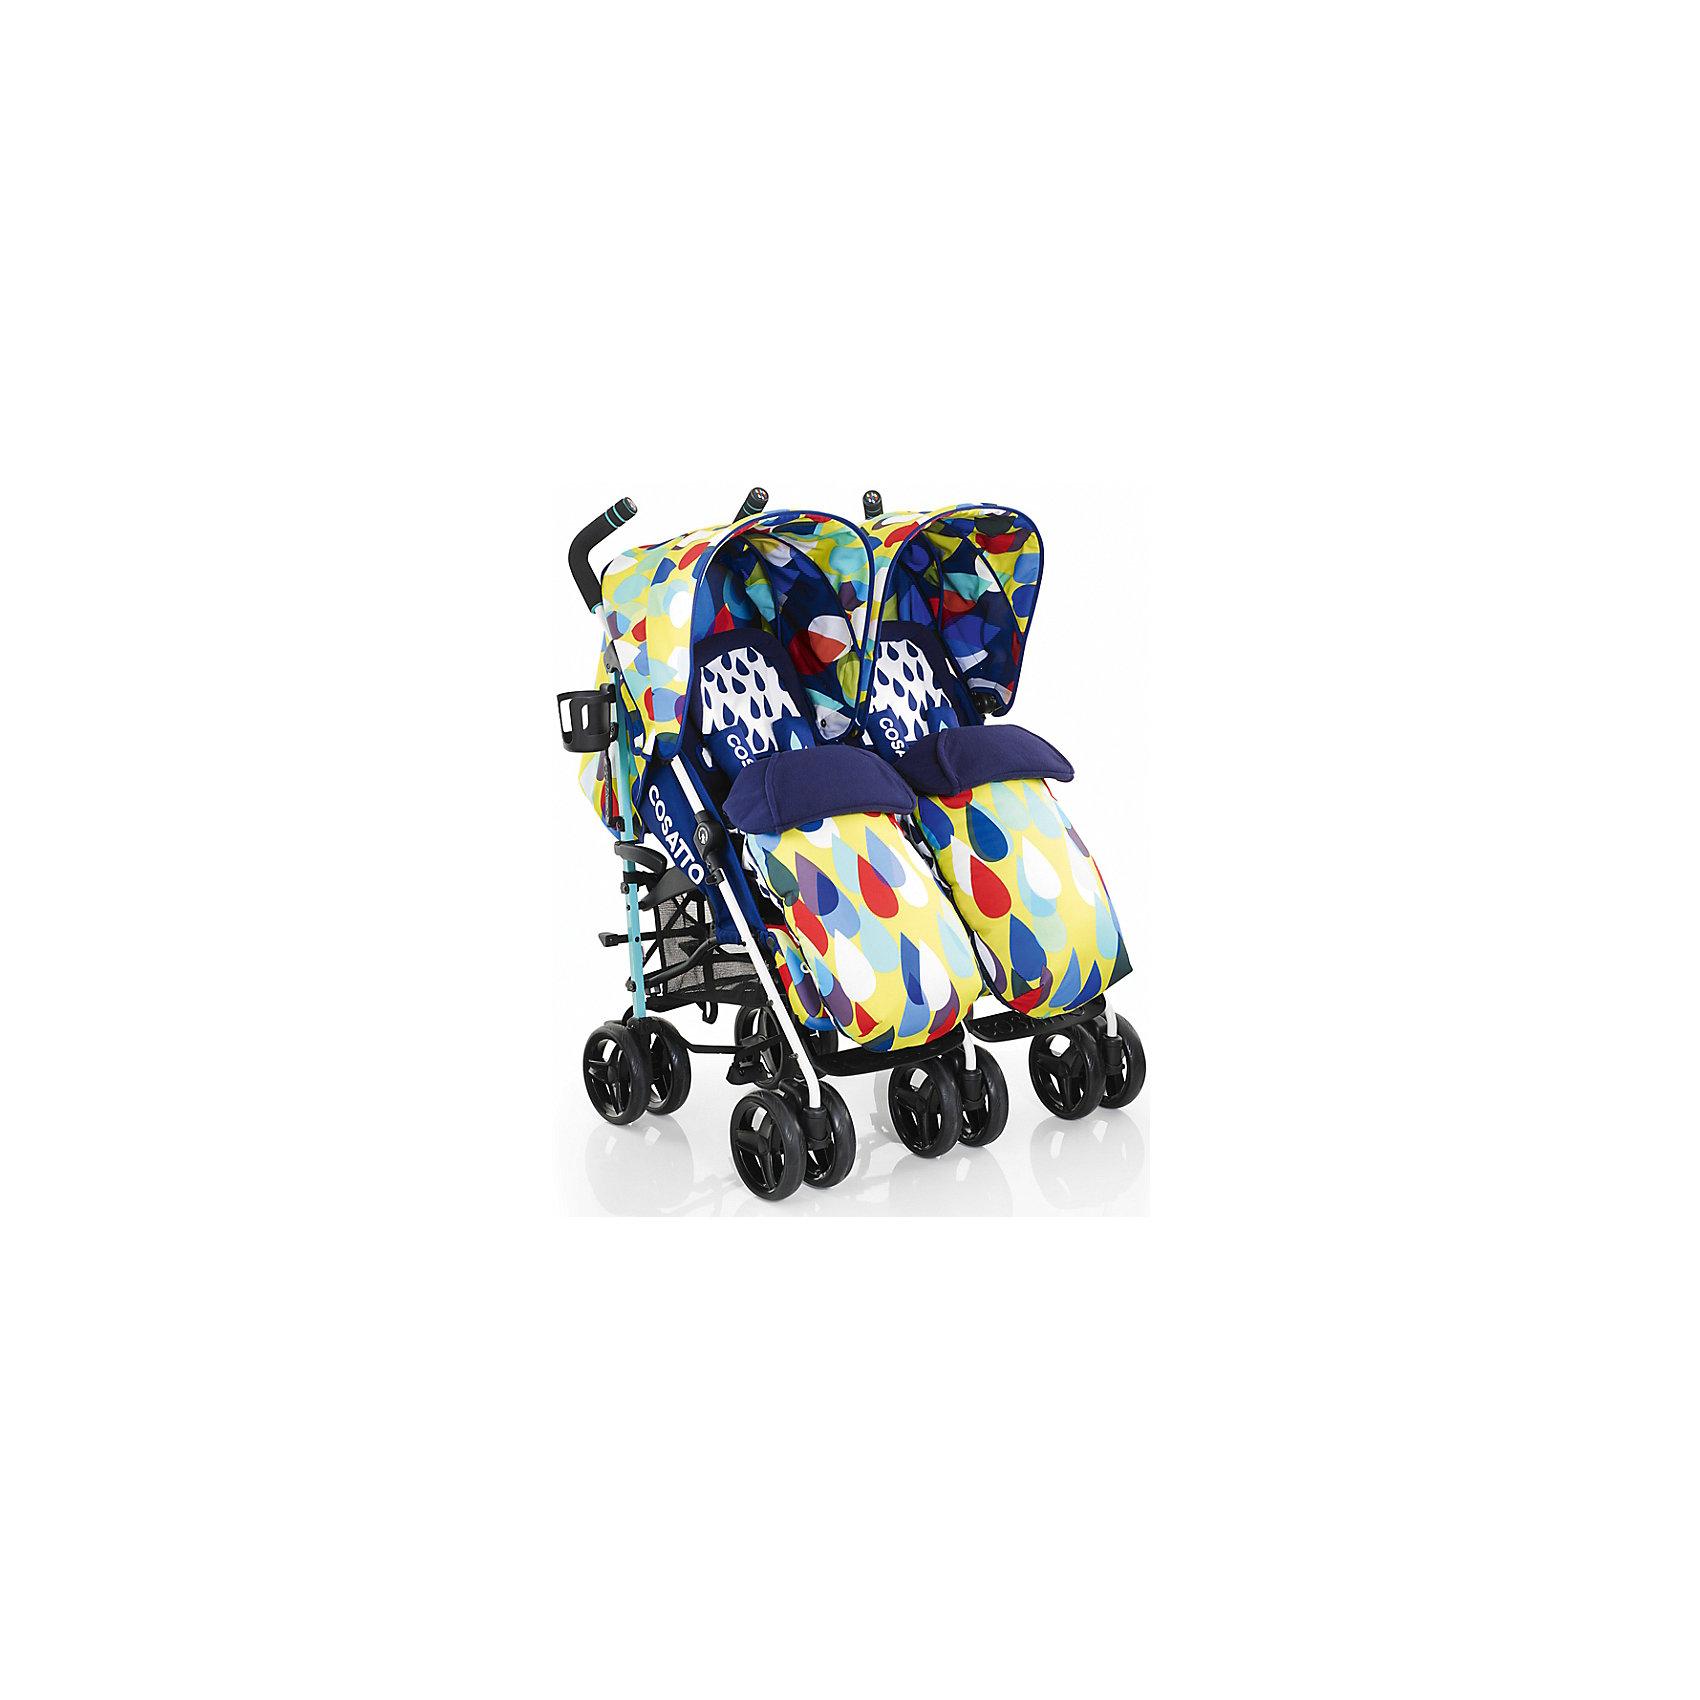 Коляска-трость для двойни Cosatto To&amp;Fro Duo/Twin, Pitter PatterКоляски-трости<br>Характеристики коляски для двойни Cosatto To&amp;Fro Duo Twin:<br> <br>• возможность использовать коляску-трость как прогулочную коляску и коляску-люльку;<br>• трансформация прогулки в люльку понятная и несложная, специальные матрасики-конверты делают спальные места в люльках ровным – для новорожденных;<br>• подголовники в люльках помогает фиксировать головки малышей;<br>• входящие в комплект адаптеры позволяют установить на шасси коляски автокресла группы 0+ Cosatto Hold (приобретаются отдельно).<br><br>Прогулочные блоки:<br><br>• расположение прогулочных блоков: параллельно;<br>• регулируемый наклон спинок коляски: 3 положения, почти до положения «лежа»;<br>• 5-ти точечные ремни безопасности с мягкими накладками, регулируются по высоте и длине;<br>• регулируемые подножки: 2 положения;<br>• капюшоны коляски оснащены солнцезащитными козырьками, смотровыми окошками и потайными карманами для мелочей;<br>• смотровые окошки находятся под клапанами на магните;<br>• капюшоны крепятся к раме коляски с помощью липучек;<br>• материал: пластик, полиэстер.<br><br>Люльки, которые трансформируются из прогулочных блоков:<br><br>• ровное дно, основание прогулочного блока не создает угла;<br>• 4-х сторонний матрас-конверт с накидкой и подголовником;<br>• капюшон переставляется на другую сторону, благодаря чему люльки на шасси находятся в положении «лицом к маме».<br><br>Шасси коляски: <br><br>• механизм складывания: трость;<br>• автоматический фиксатор от раскладывания, когда рама находится в сложенном состоянии;<br>• рама стоит в вертикальном положении, когда сложена, на колесах и специальной подножке;<br>• 6 пар сдвоенных колес, передние поворотные с блокировкой, задние оснащены стояночным тормозом;<br>• ручки коляски регулируются по высоте, 2 положения;<br>• материал рамы: алюминий;<br>• материал колес: ПВХ.<br><br>Размер коляски: 75х75х106 см<br>Вес коляски: 19 кг<br>Ширина колесной базы: 75 с